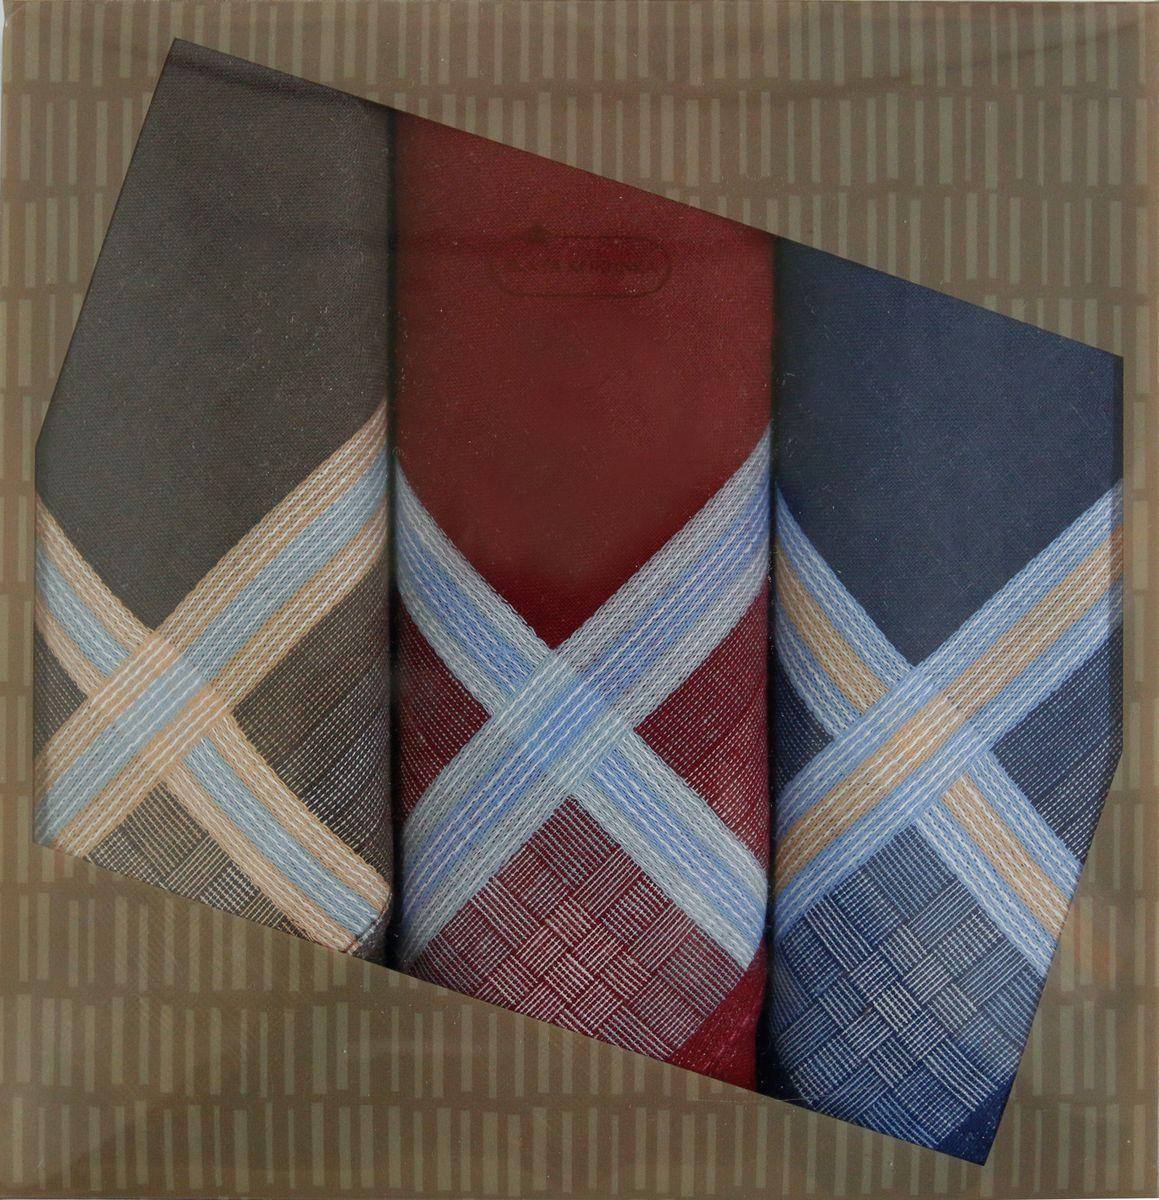 Платок носовой мужской Zlata Korunka, цвет: бордовый, синий, коричневый, 3 шт. 40315-1. Размер 43 см х 43 см40315-1Мужской носовой платой Zlata Korunka изготовлен из натурального хлопка, приятен в использовании, хорошо стирается, материал не садится и отлично впитывает влагу. Оформлена модель контрастным принтом.